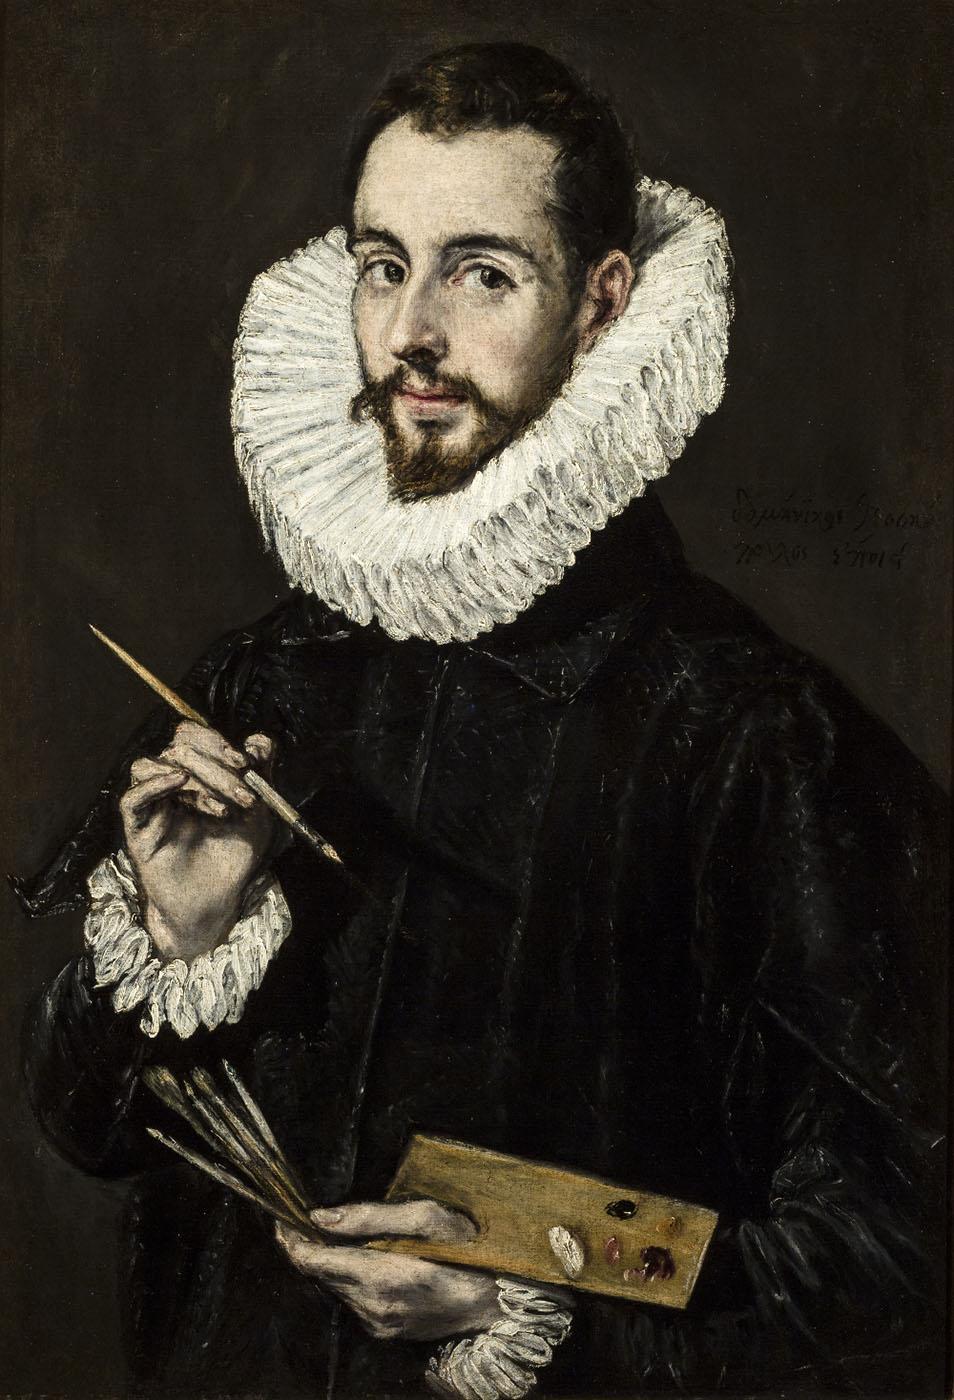 El Greco. Retrato del pintor y arquitecto Jorge Manuel Theotokopulos.1600-1650. Museo de Bellas Artes de Sevilla.